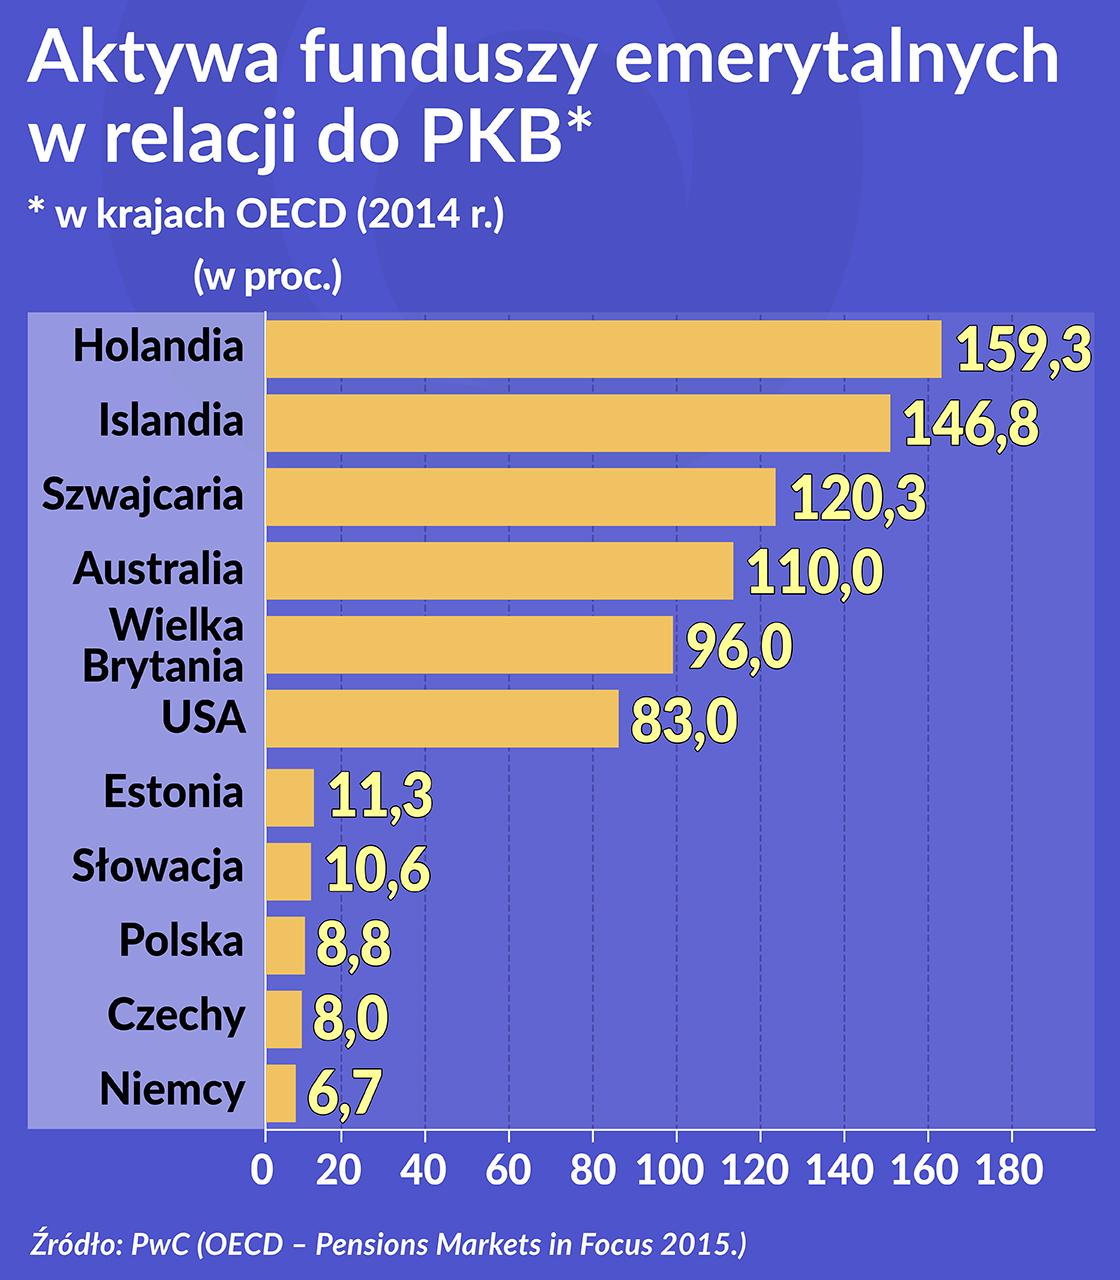 Aktywa funduszy emerytalnych w relacji do PKB 1120-OKO